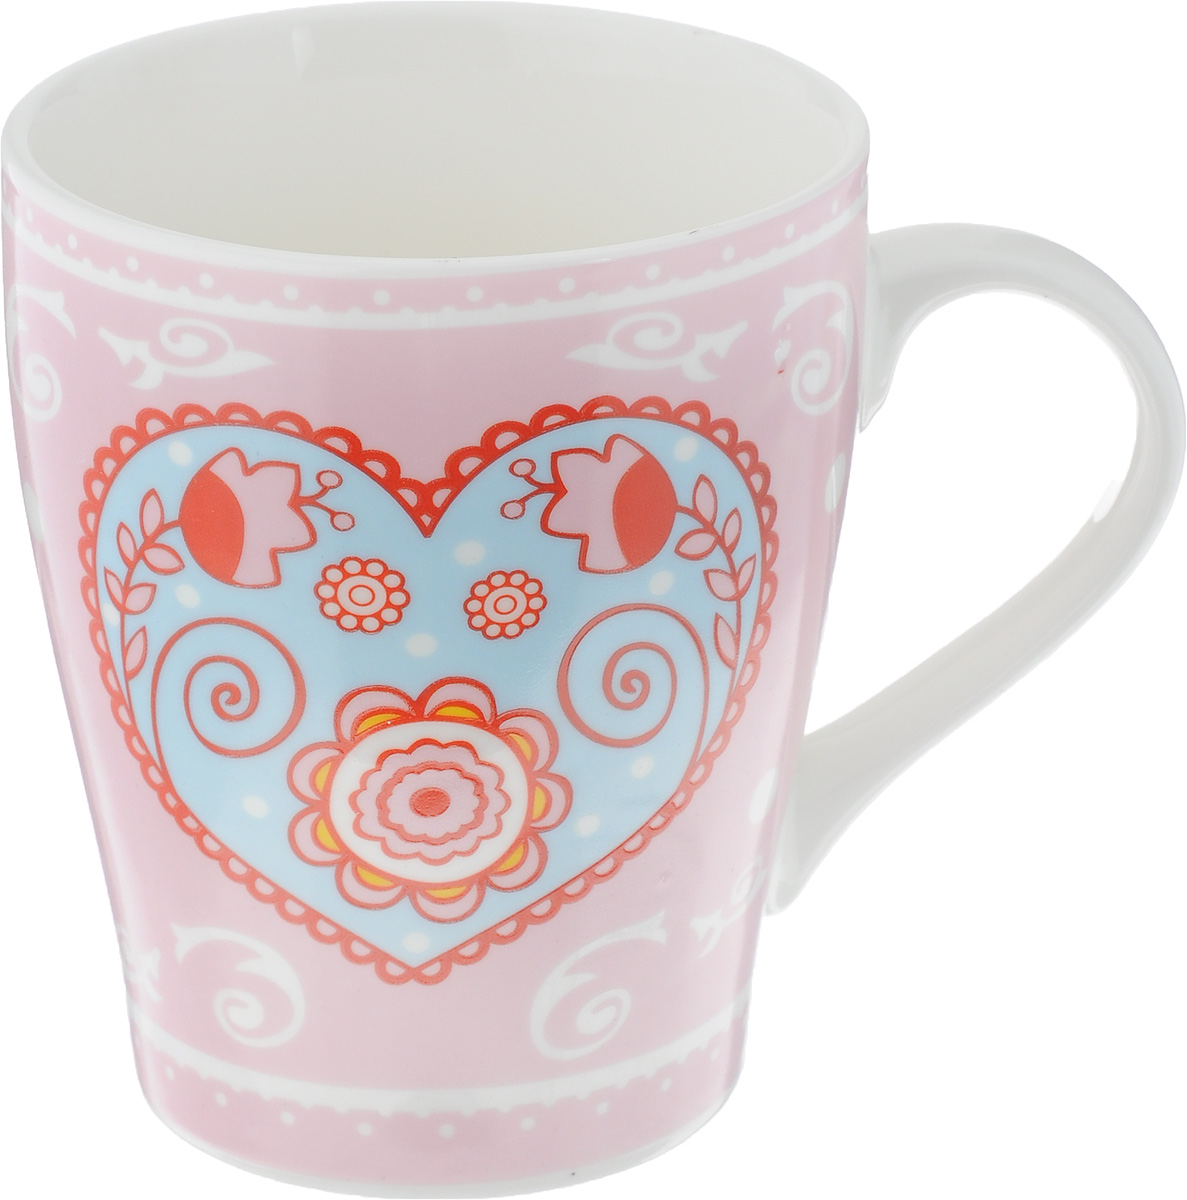 Кружка Loraine, цвет: розовый, 350 мл. 22112115510Кружка Loraine выполнена из высококачественного фарфора с глазурованным покрытием и оформлена оригинальным рисунком. Посуда из фарфора позволяет сохранить истинный вкус напитка, а также помогает ему дольше оставаться теплым. Изделие оснащено удобной ручкой. Такая кружка прекрасно оформит стол к чаепитию и станет его неизменным атрибутом. Можно мыть в посудомоечной машине и использовать в СВЧ.Диаметр кружки (по верхнему краю): 8 см.Высота чашки: 10,5 см.